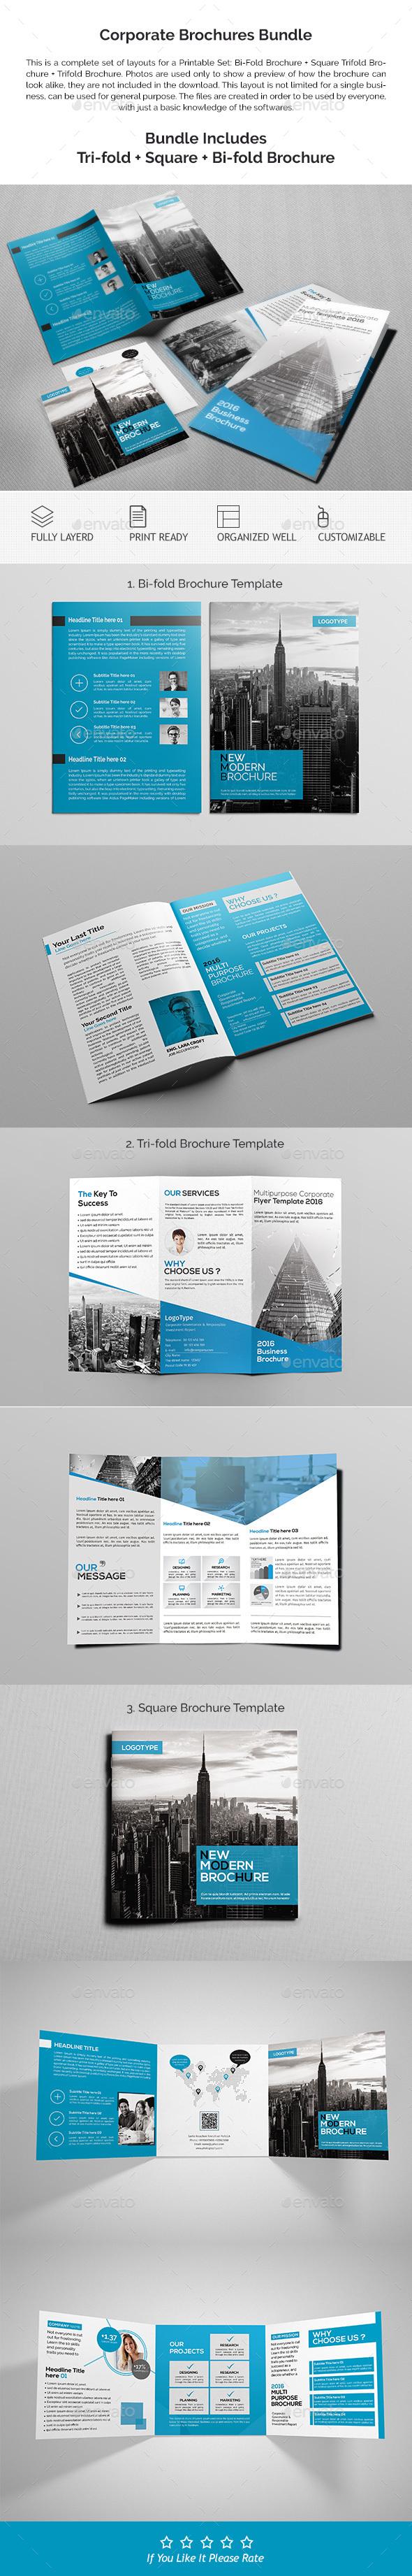 Corporate Brochures Bundle 02 - Corporate Brochures